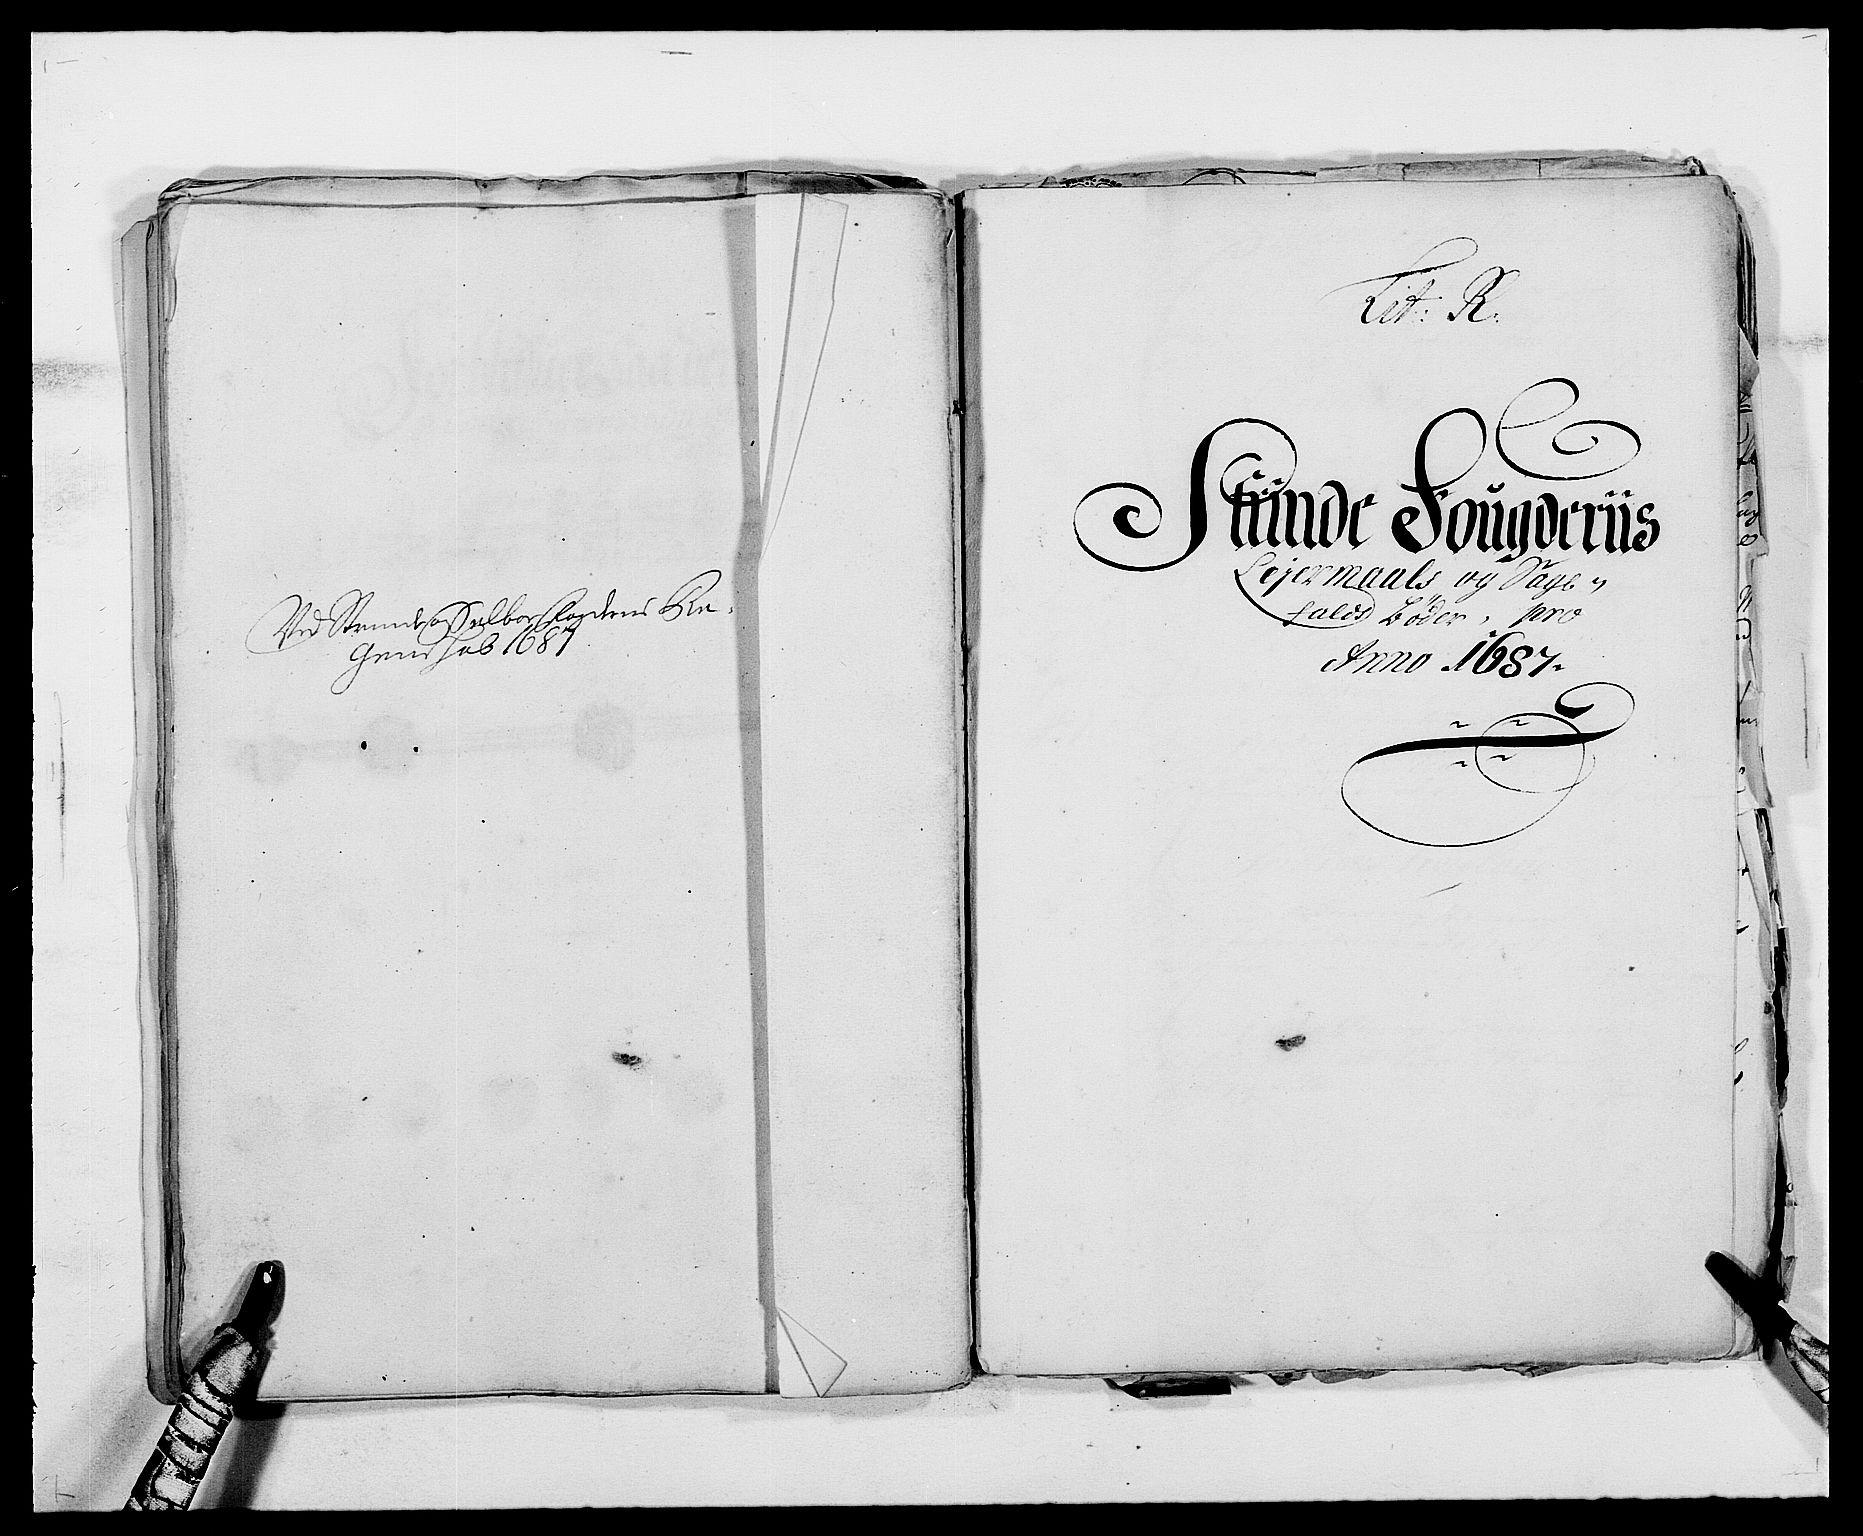 RA, Rentekammeret inntil 1814, Reviderte regnskaper, Fogderegnskap, R61/L4101: Fogderegnskap Strinda og Selbu, 1687-1688, s. 130